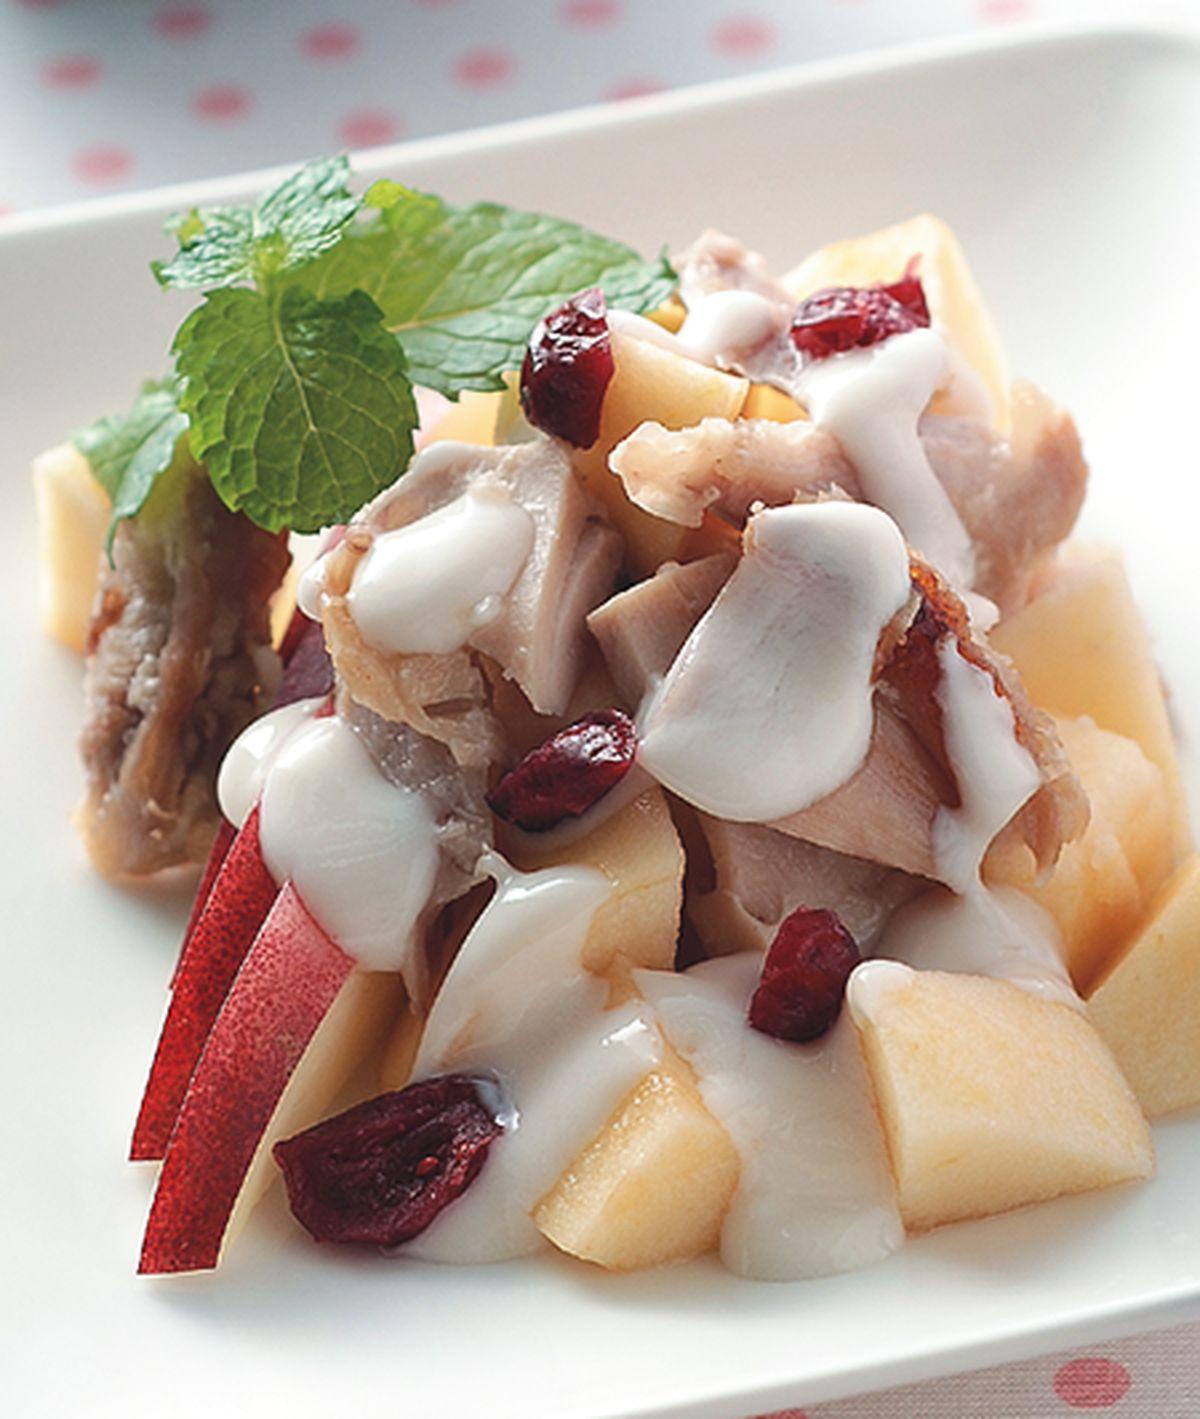 食譜:雞肉蘋果沙拉